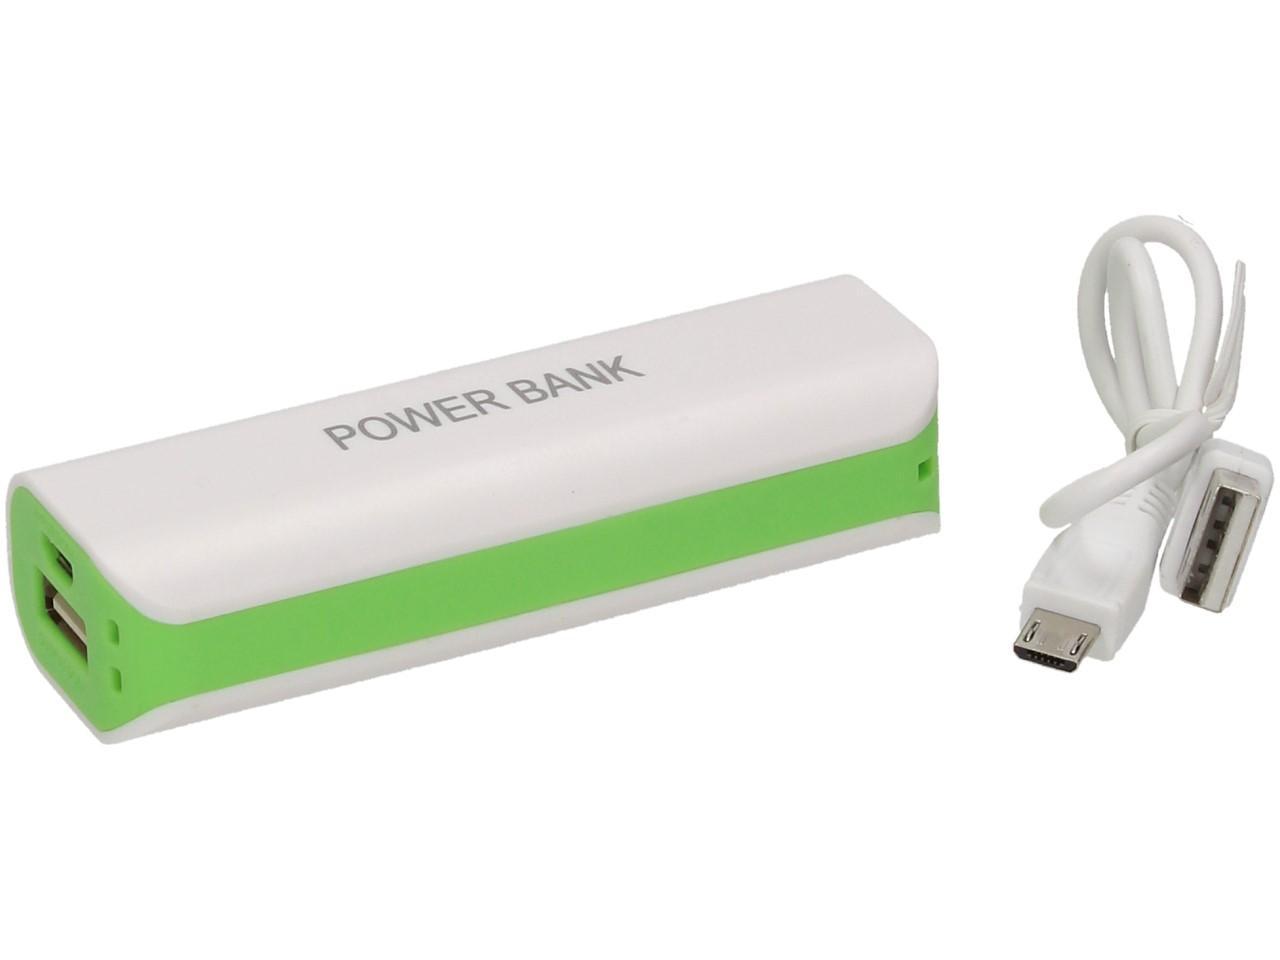 Foto 23 - Výkonná přenosná USB nabíječka Power Bank 5600mAh